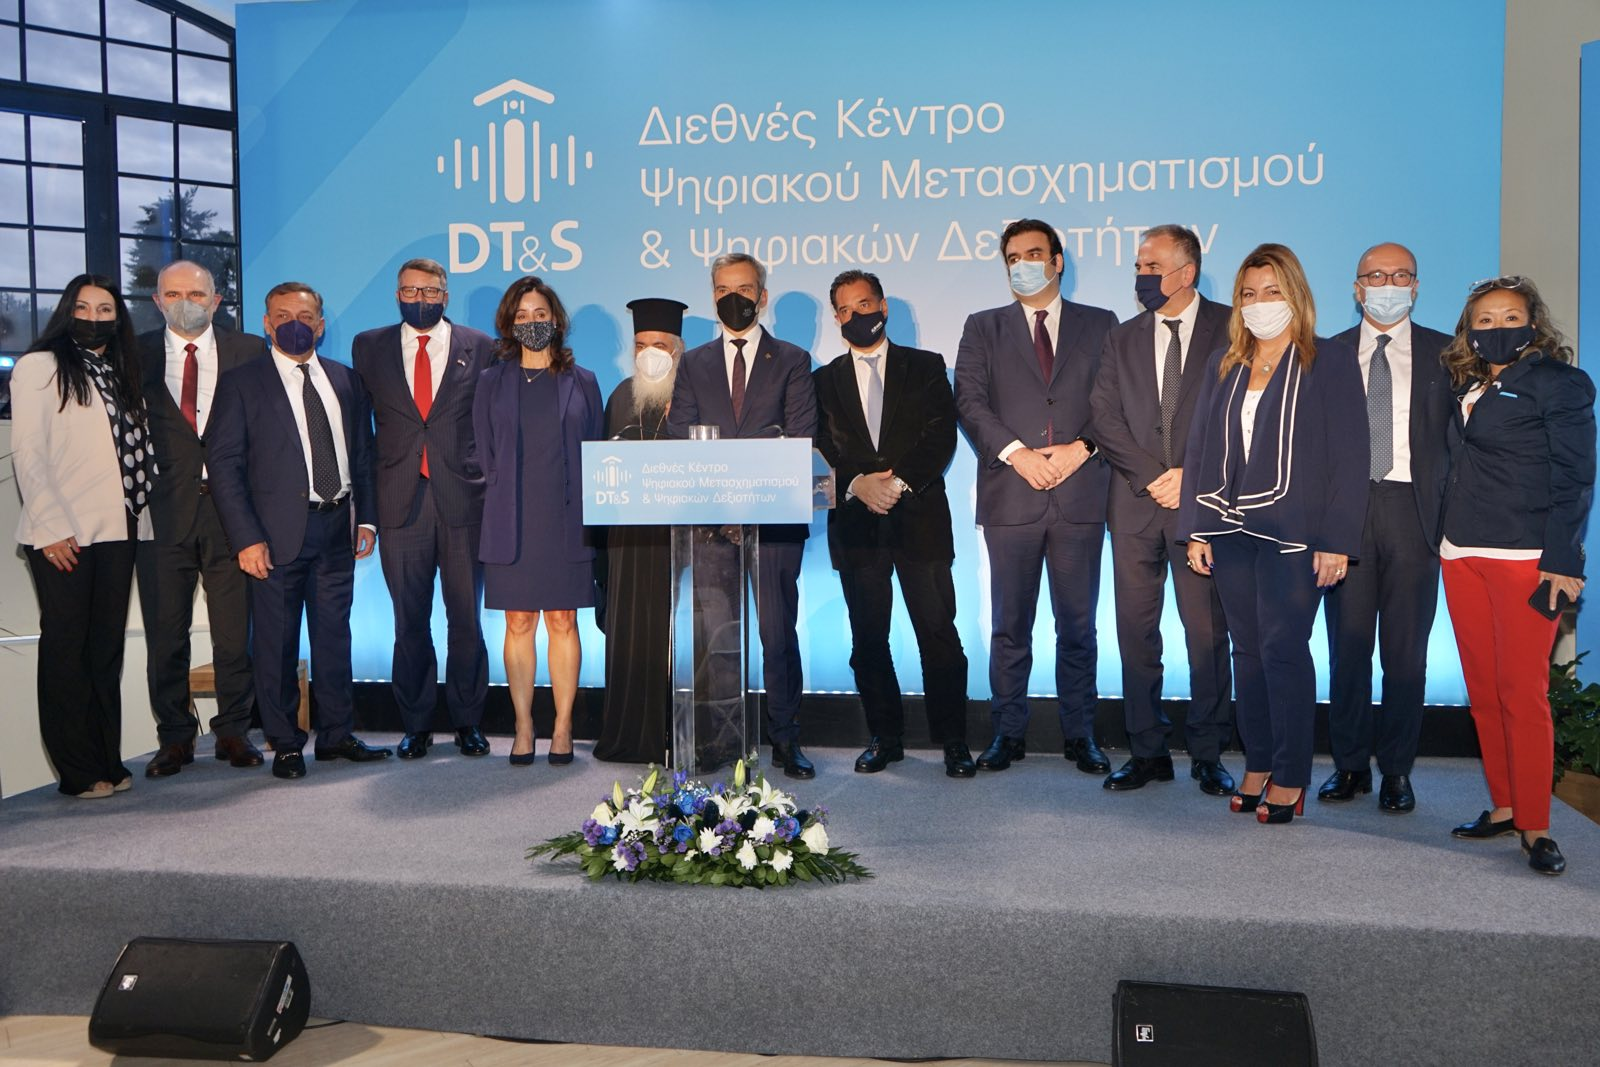 Κωνσταντίνος Ζέρβας στα Εγκαίνια του Διεθνούς Κέντρου Ψηφιακού Μετασχηματισμού και Ψηφιακών Δεξιοτήτων στη Θεσσαλονίκη : «η Θεσσαλονίκη αλλά και η Βόρεια Ελλάδα θα βρίσκονται στον διεθνή επενδυτικό, εκπαιδευτικό, ψηφιακό χάρτη του μέλλοντος»